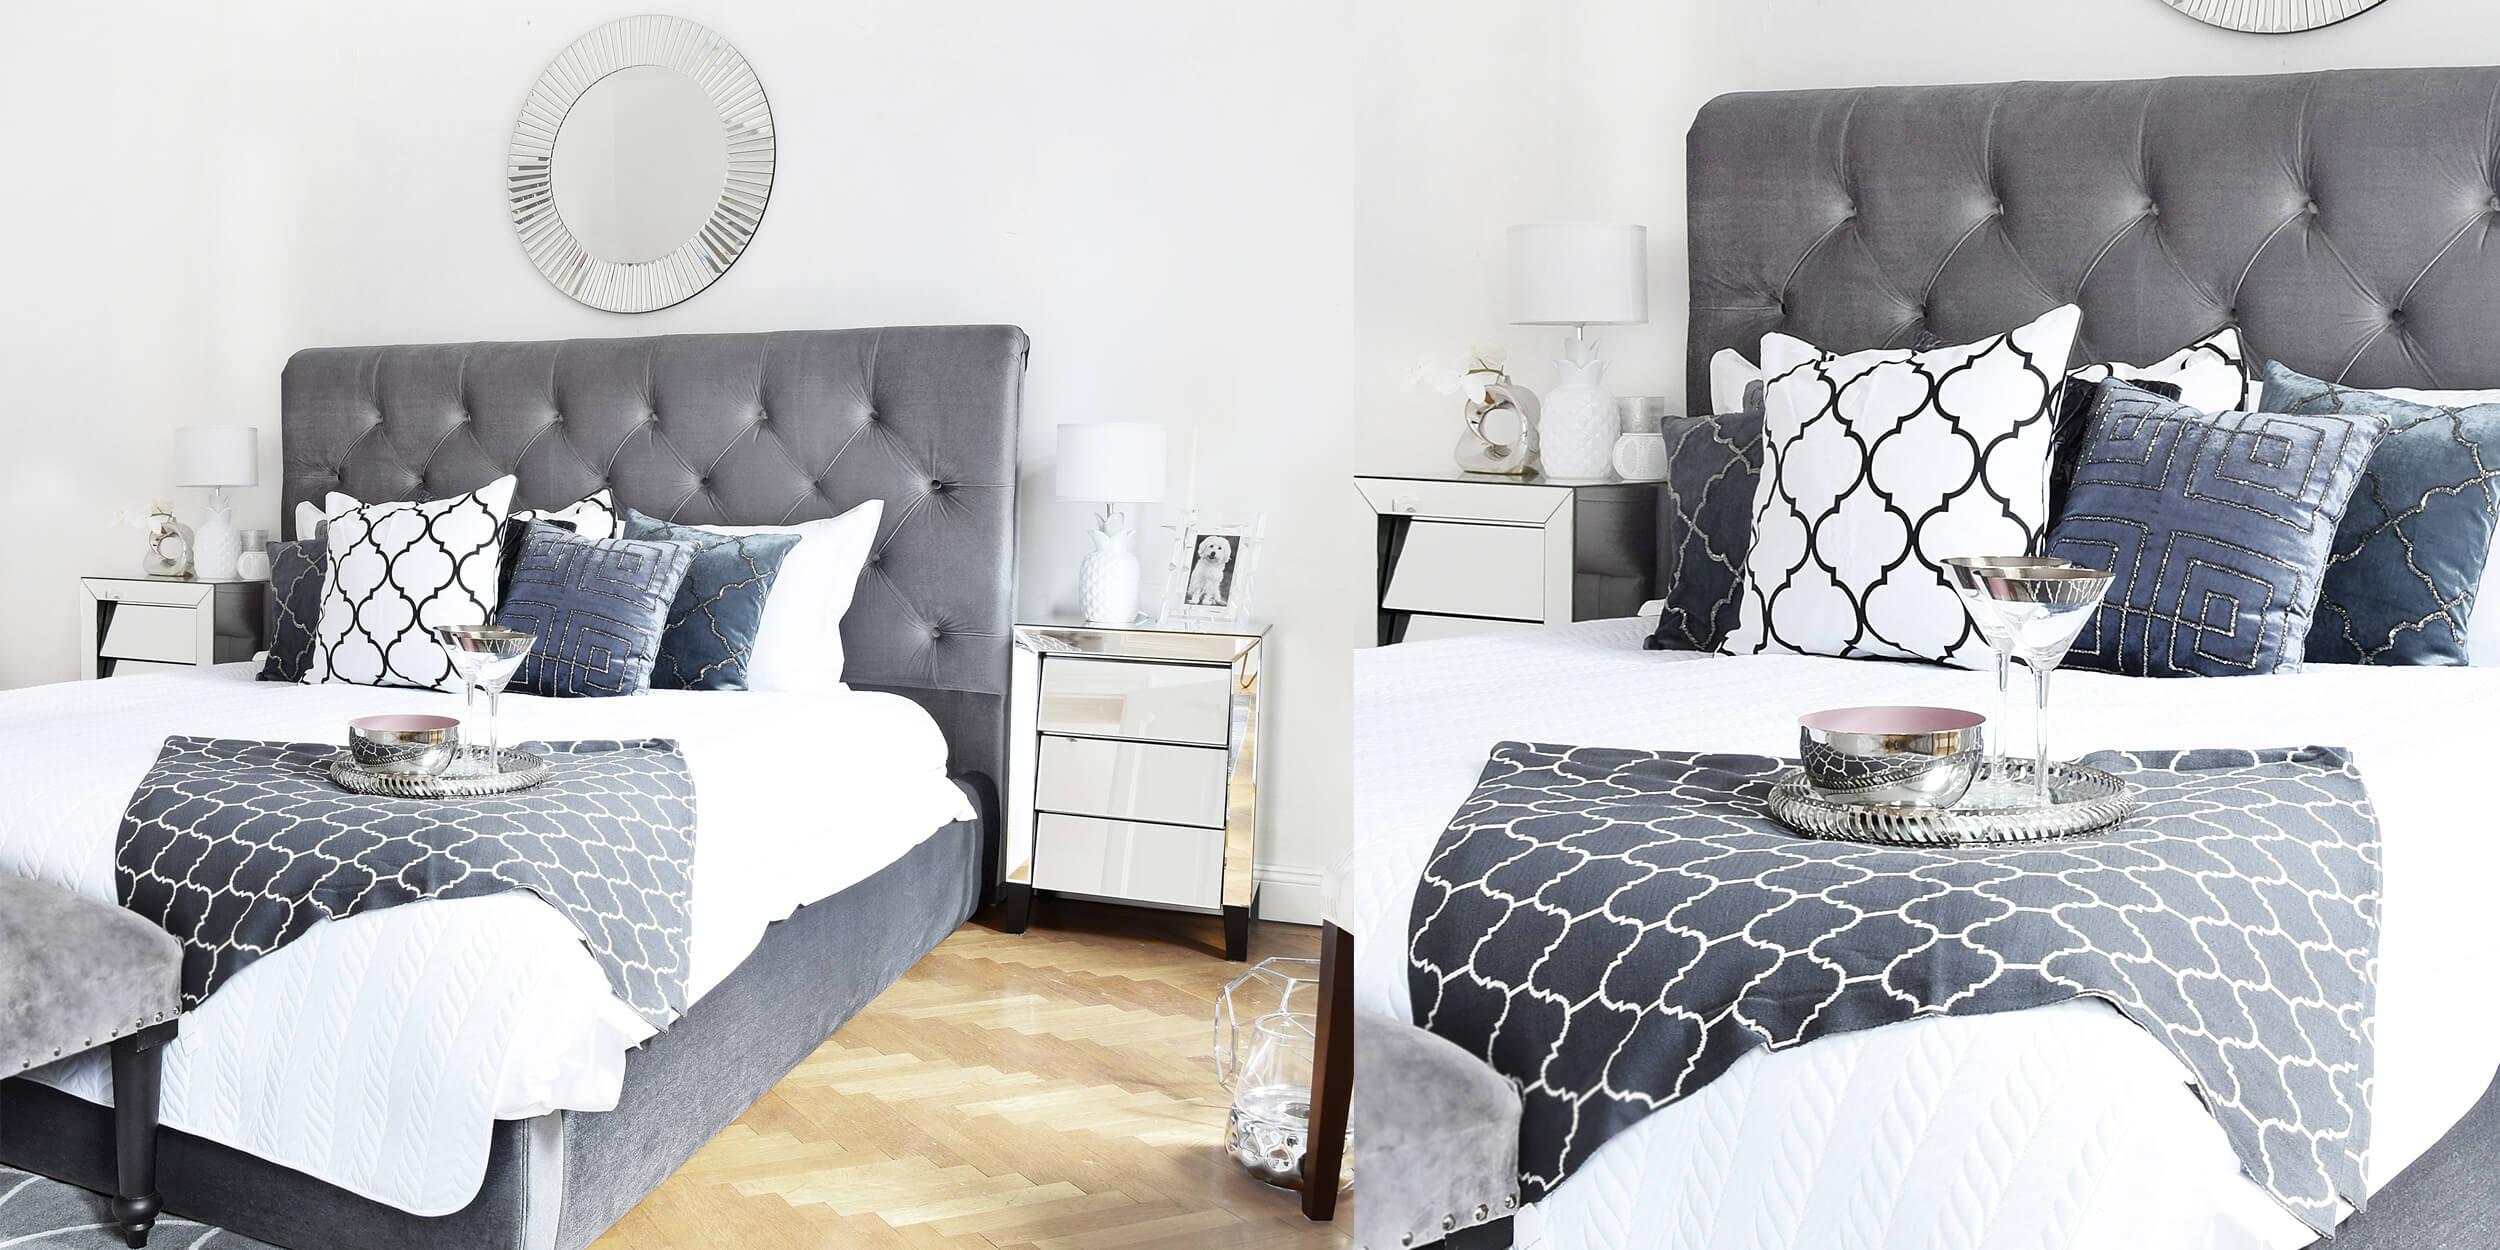 Schlafzimmer Bett Lampe Feng Shui Schlafzimmer Neben Bad Ideen